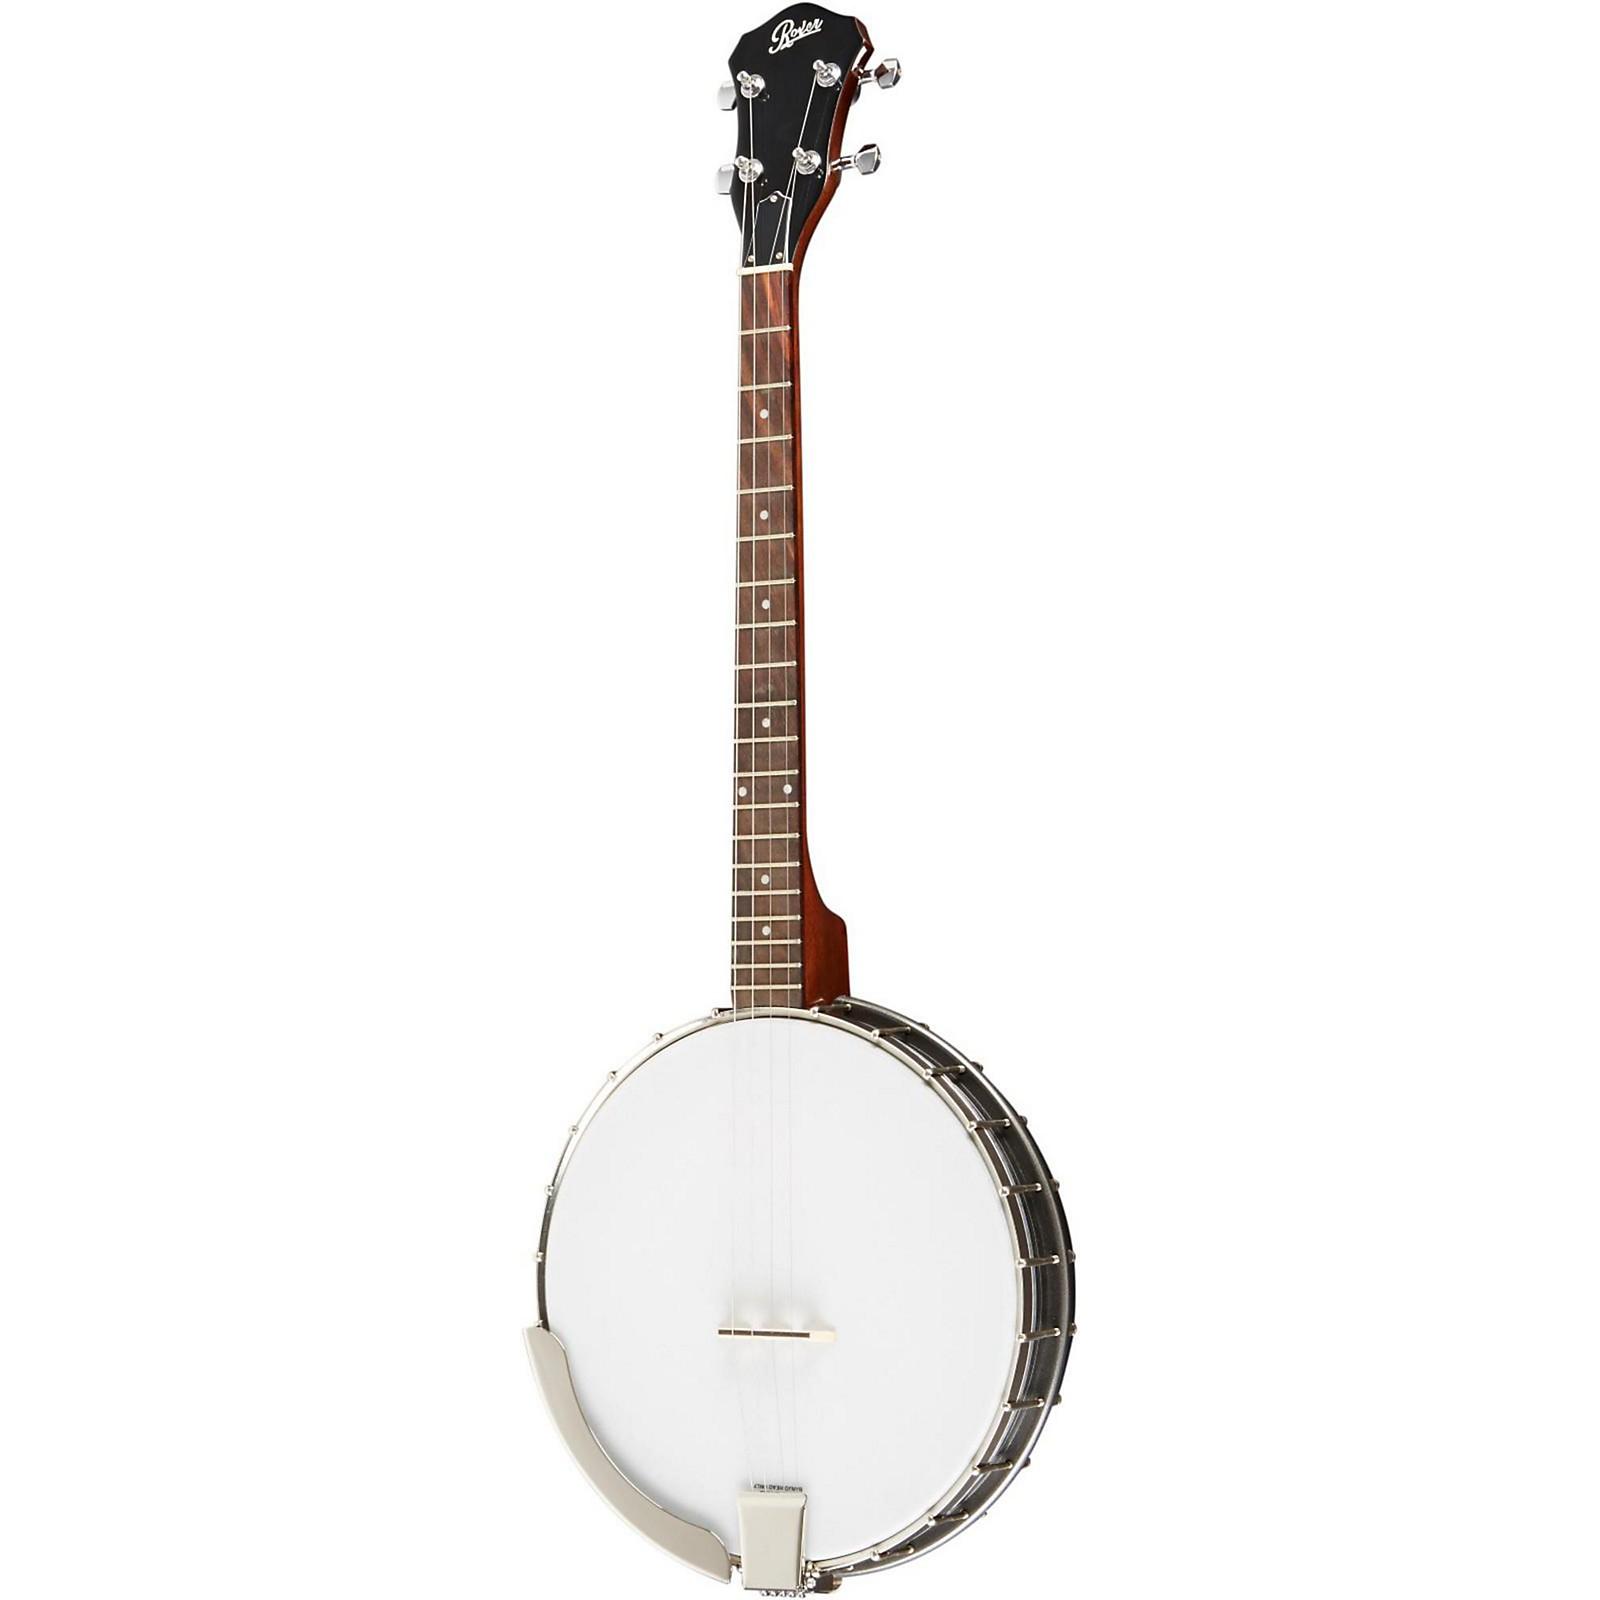 Rover RB-20T 4-String Tenor Banjo